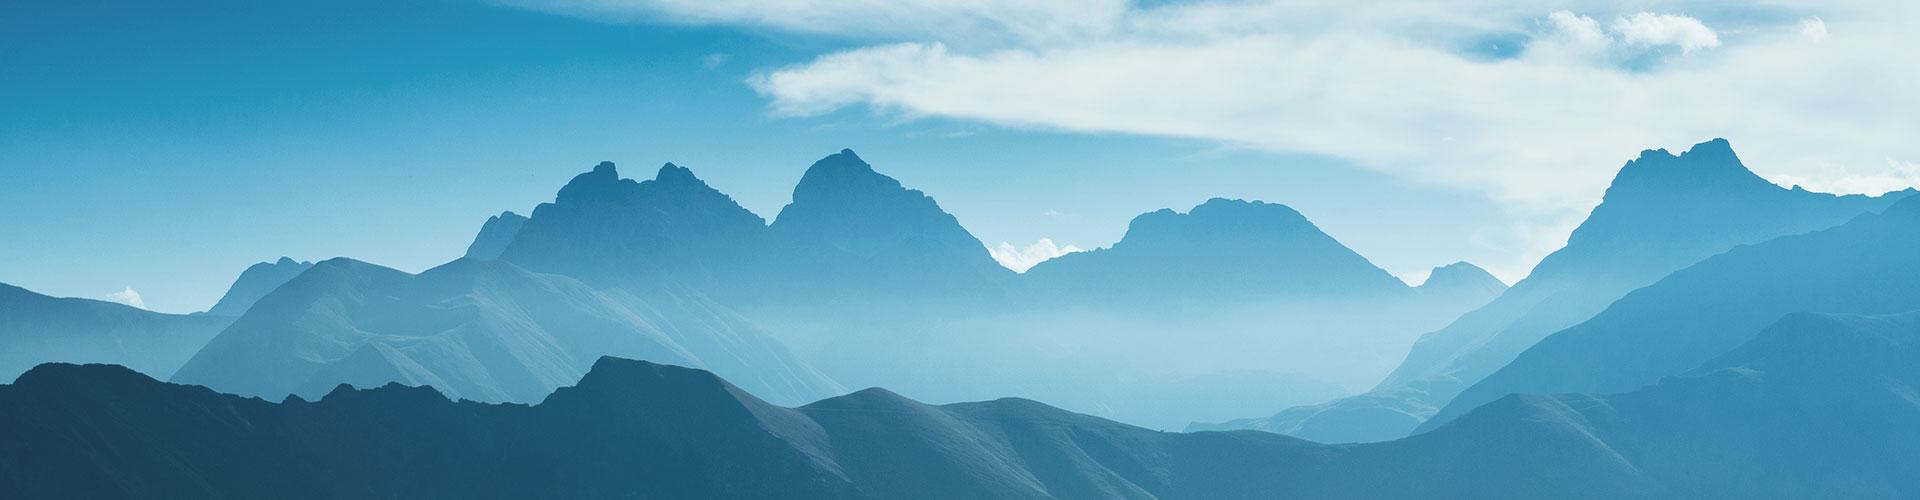 Ein Bergmassiv, aufgenommen während der blauen Stunde